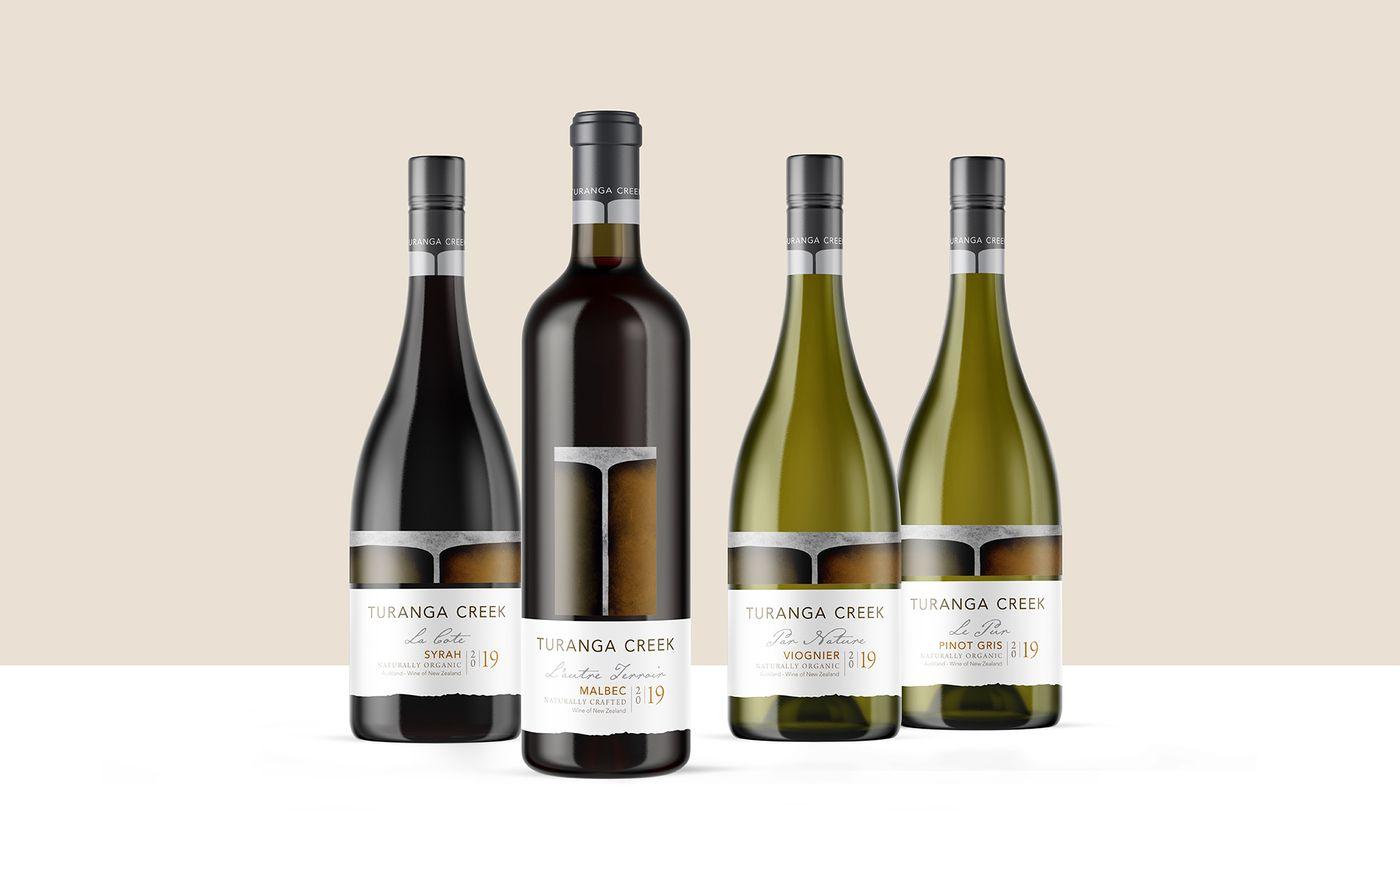 Turanga Creek - Wine